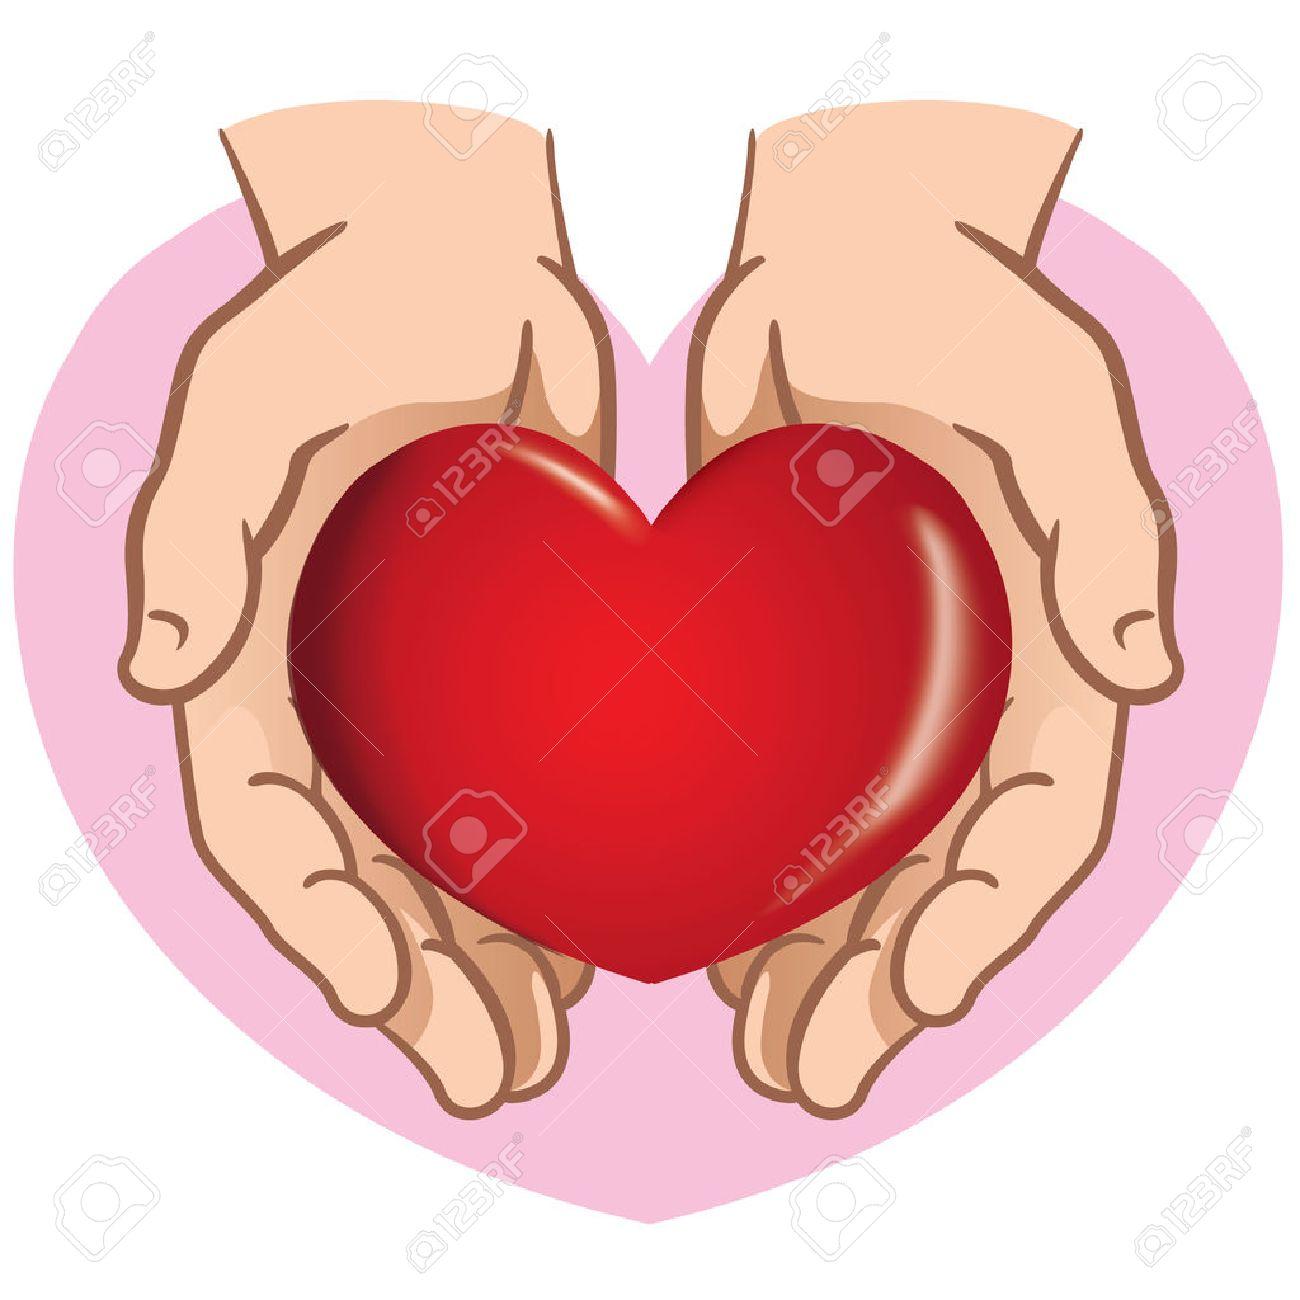 Carácter Par De Manos Que Sostienen Un Corazón Ideal Para